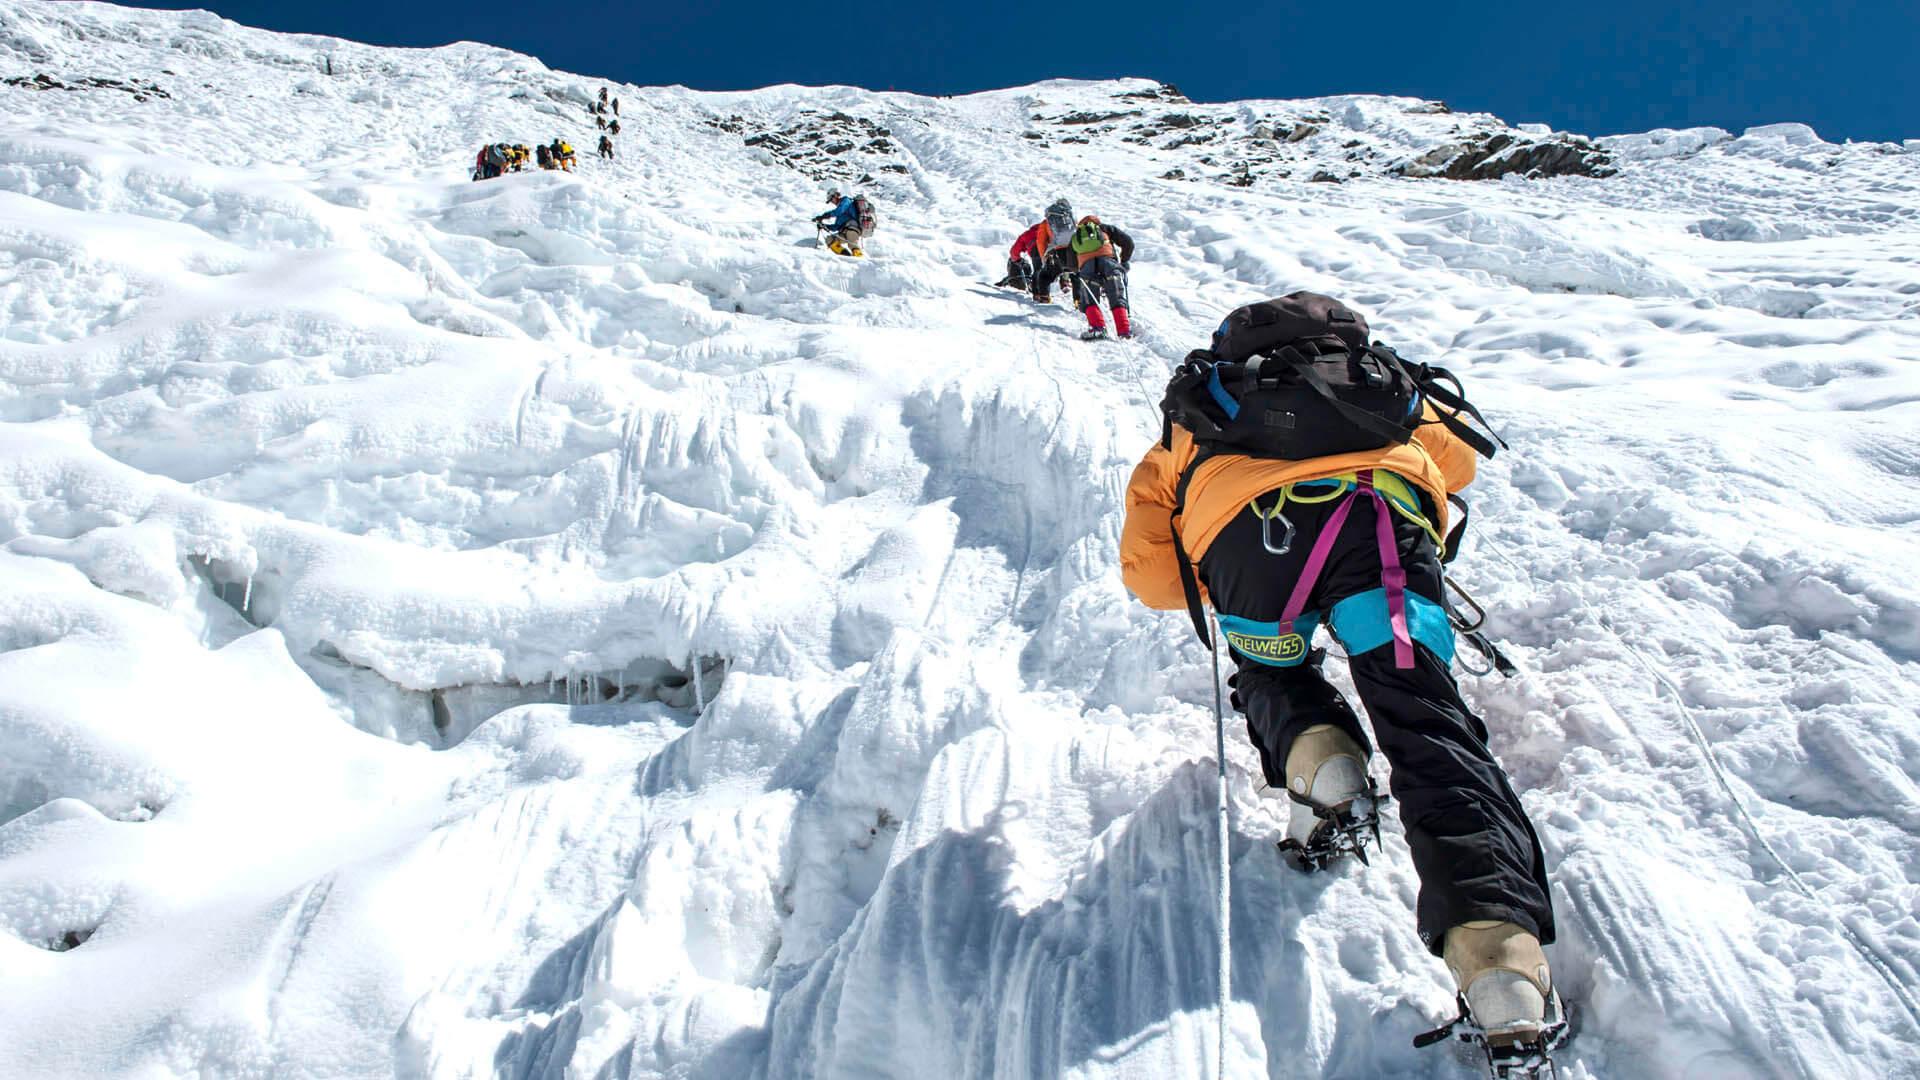 Adventure activities in Kashmir